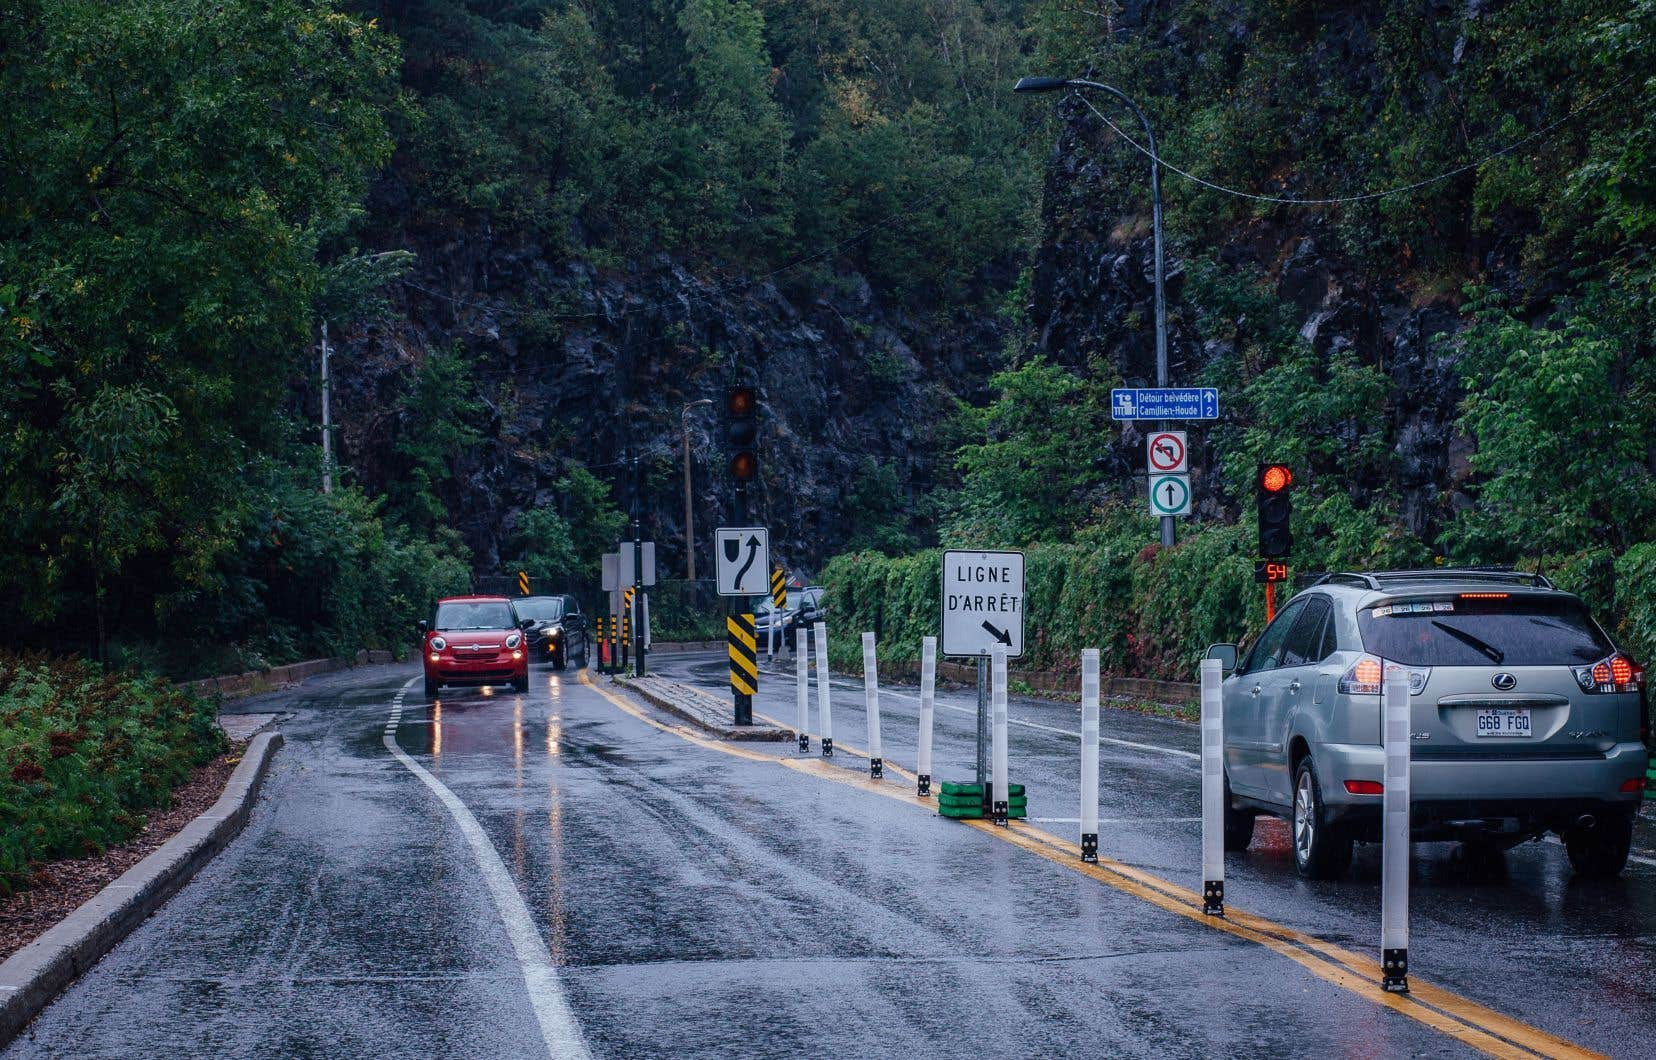 Le transport représente 40% des GES émis sur l'île de Montréal, selon les données dévoilées par le directeur du Bureau de la transition écologique et de la résilience, Sidney Ribaux.